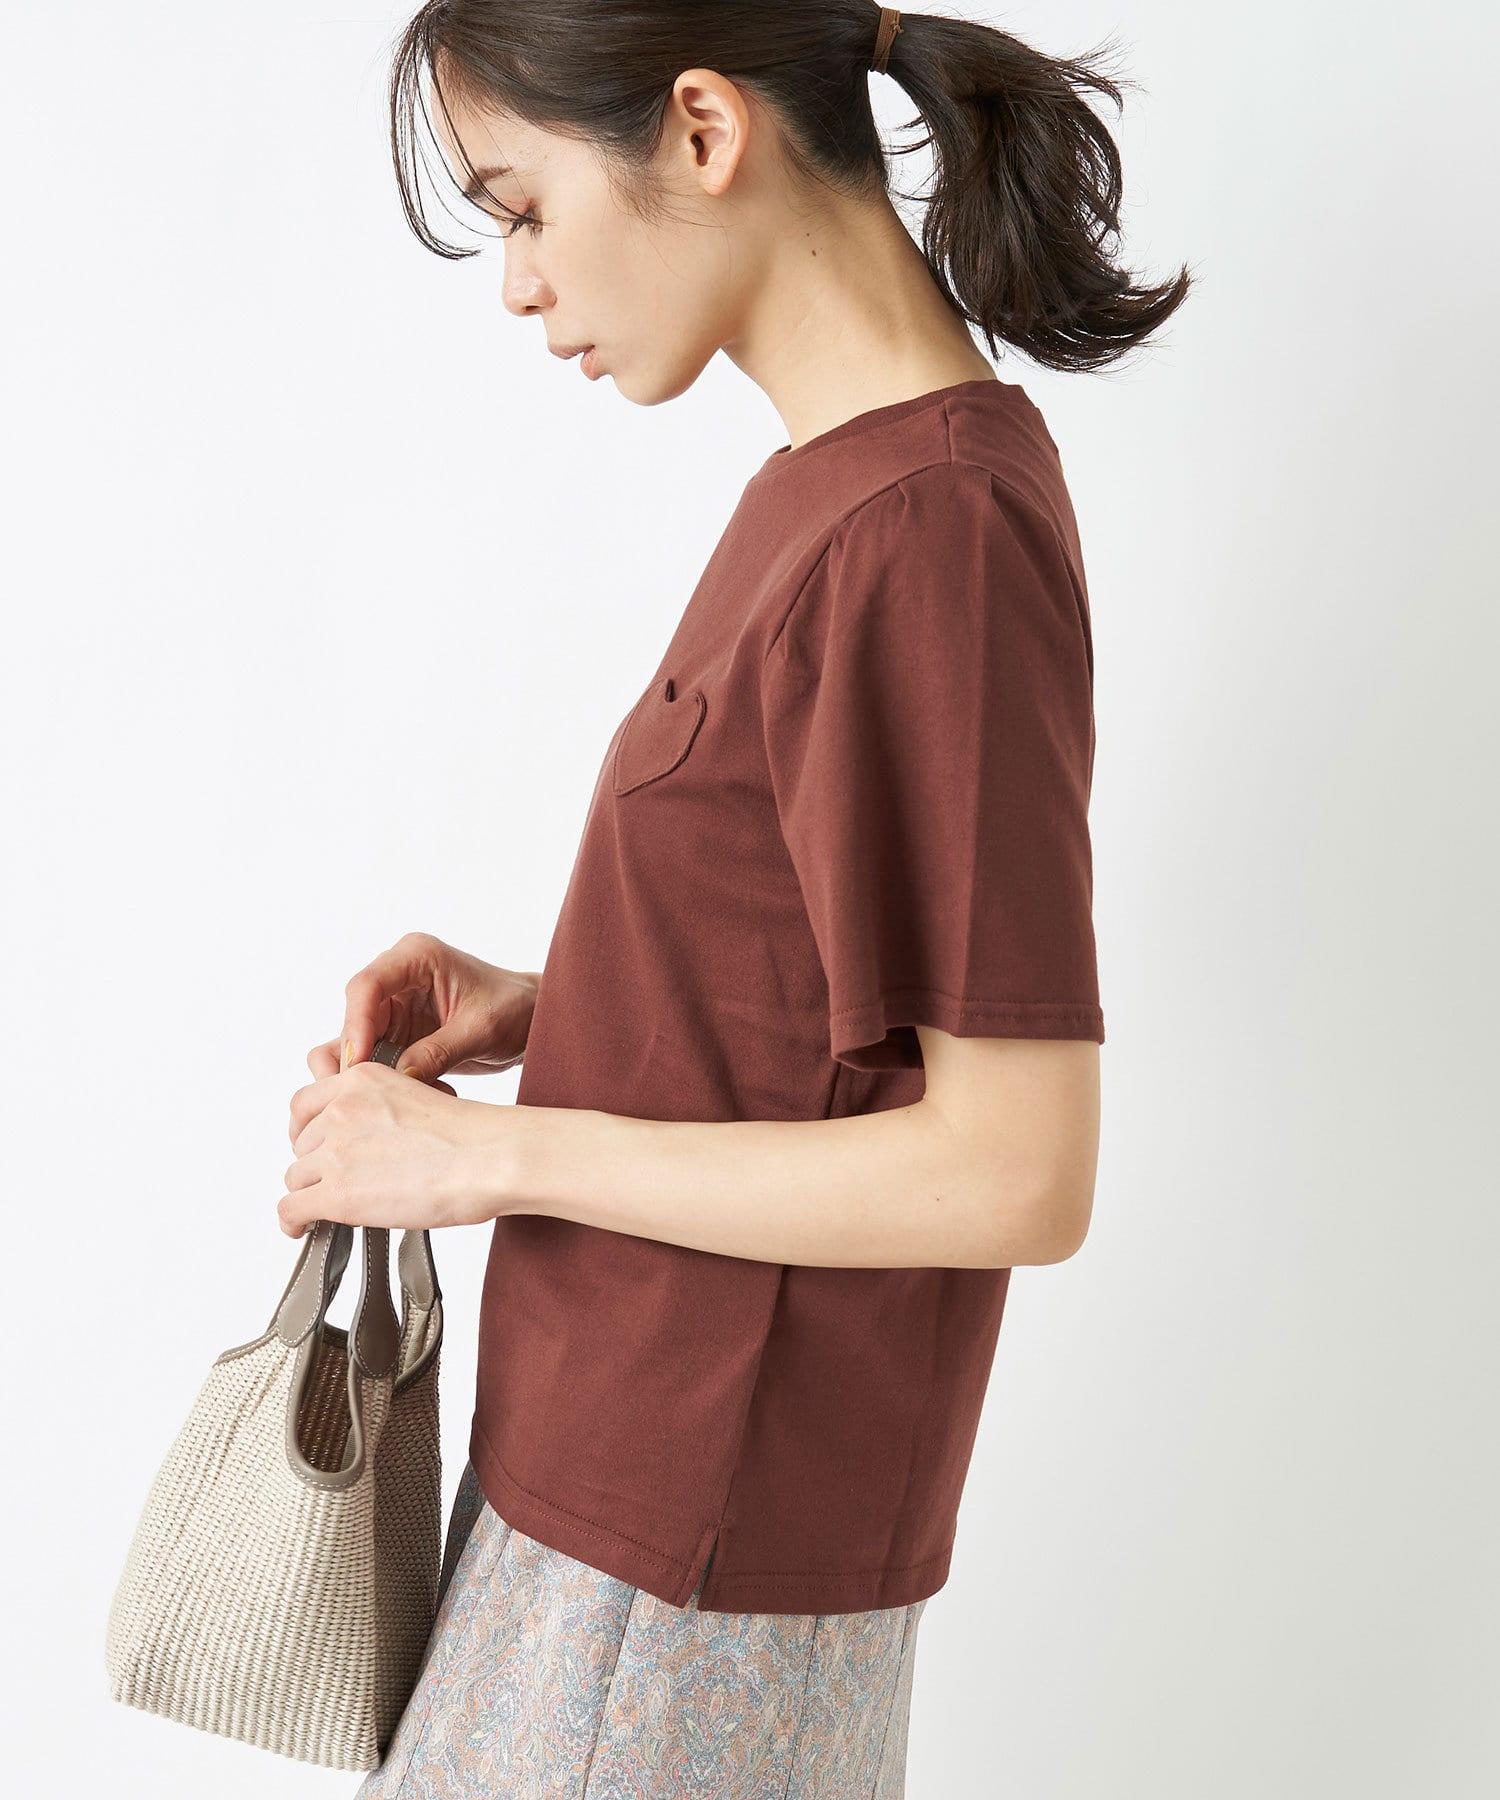 La boutique BonBon(ラブティックボンボン) 【MUVEIL(ミュベール)】ハートパッチTシャツ